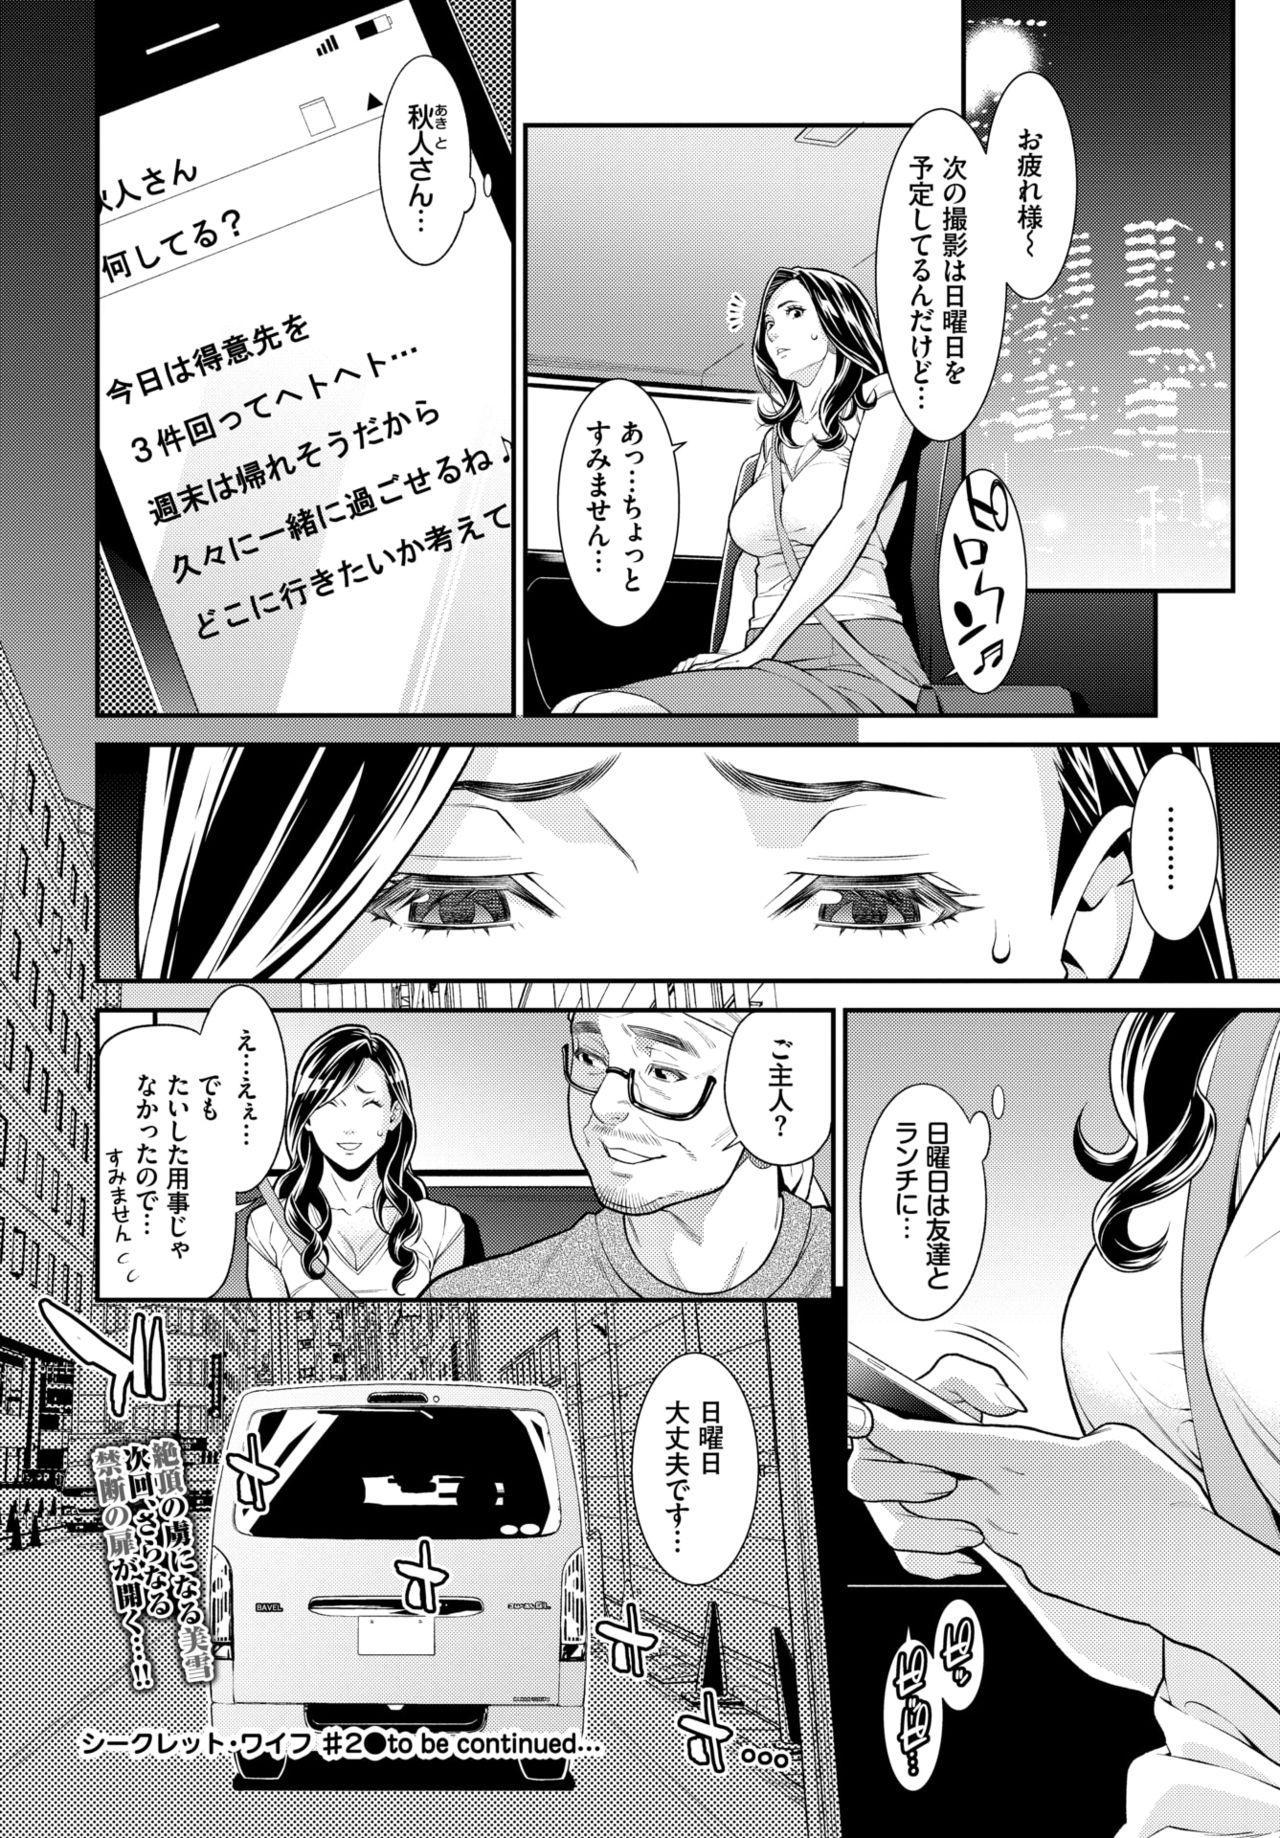 Secret Wife #1-5 40